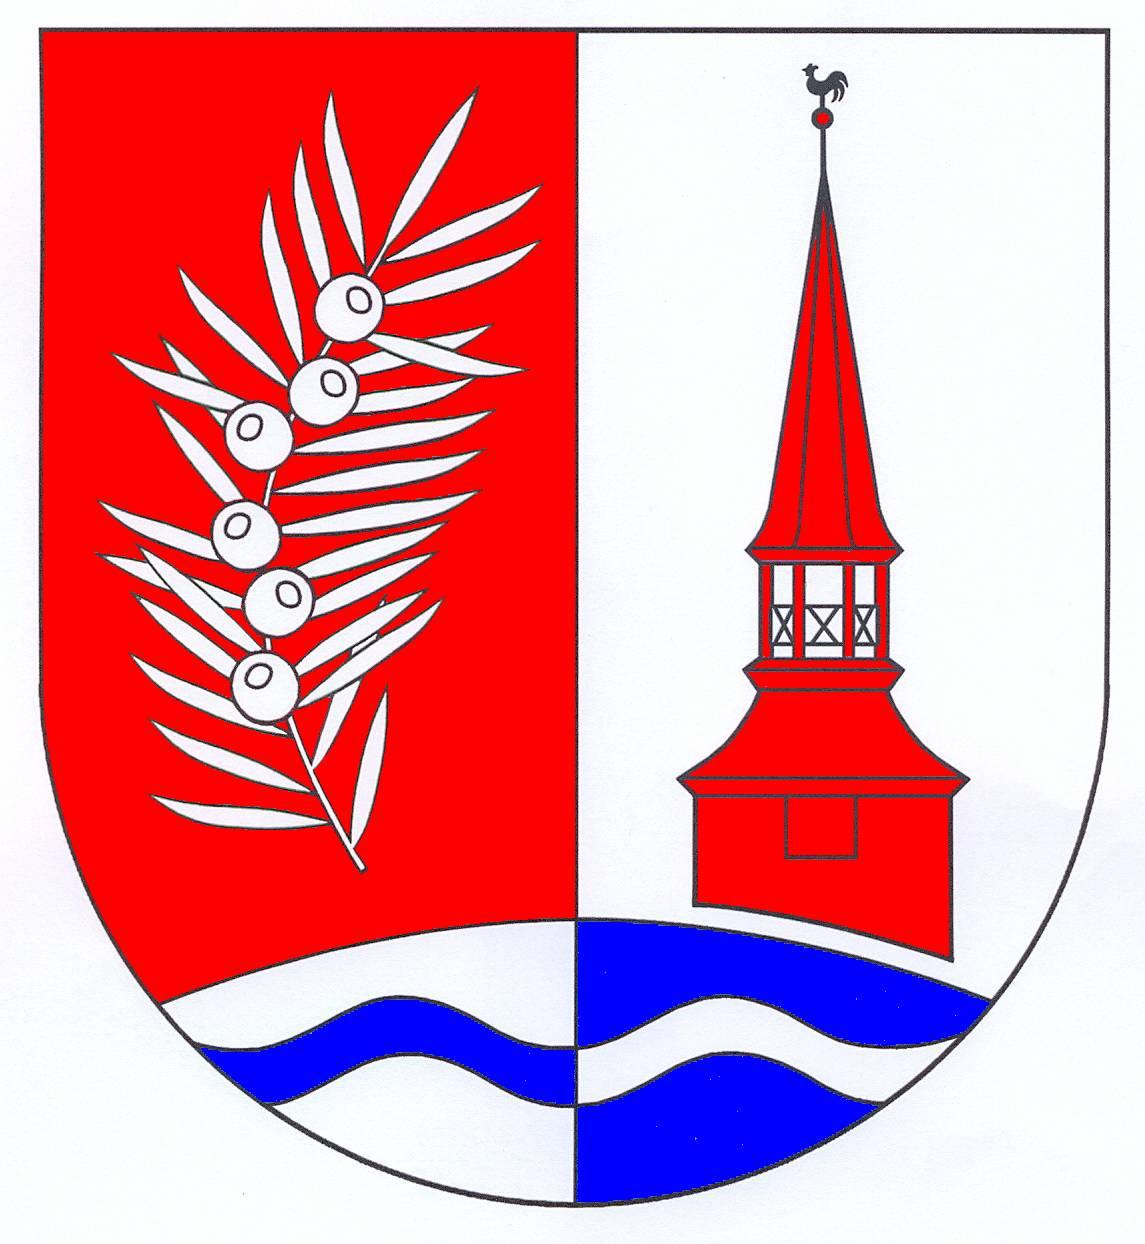 Wappen GemeindeBreitenberg, Kreis Steinburg